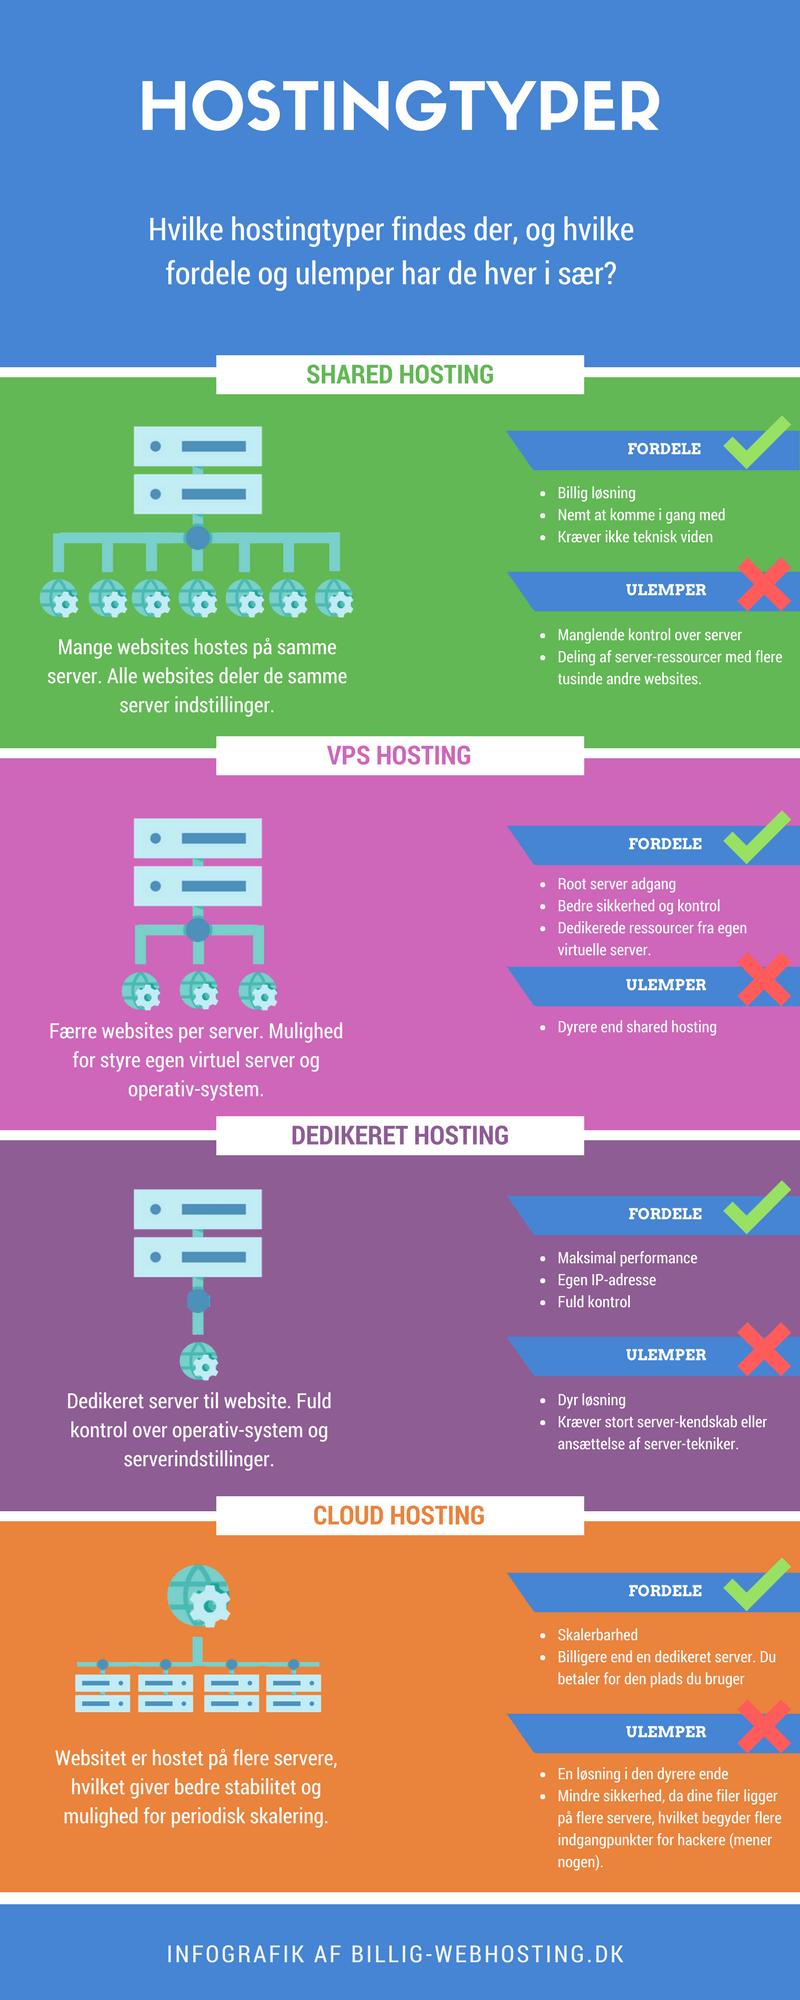 shared hosting, VPS, dedikeret server og cloud